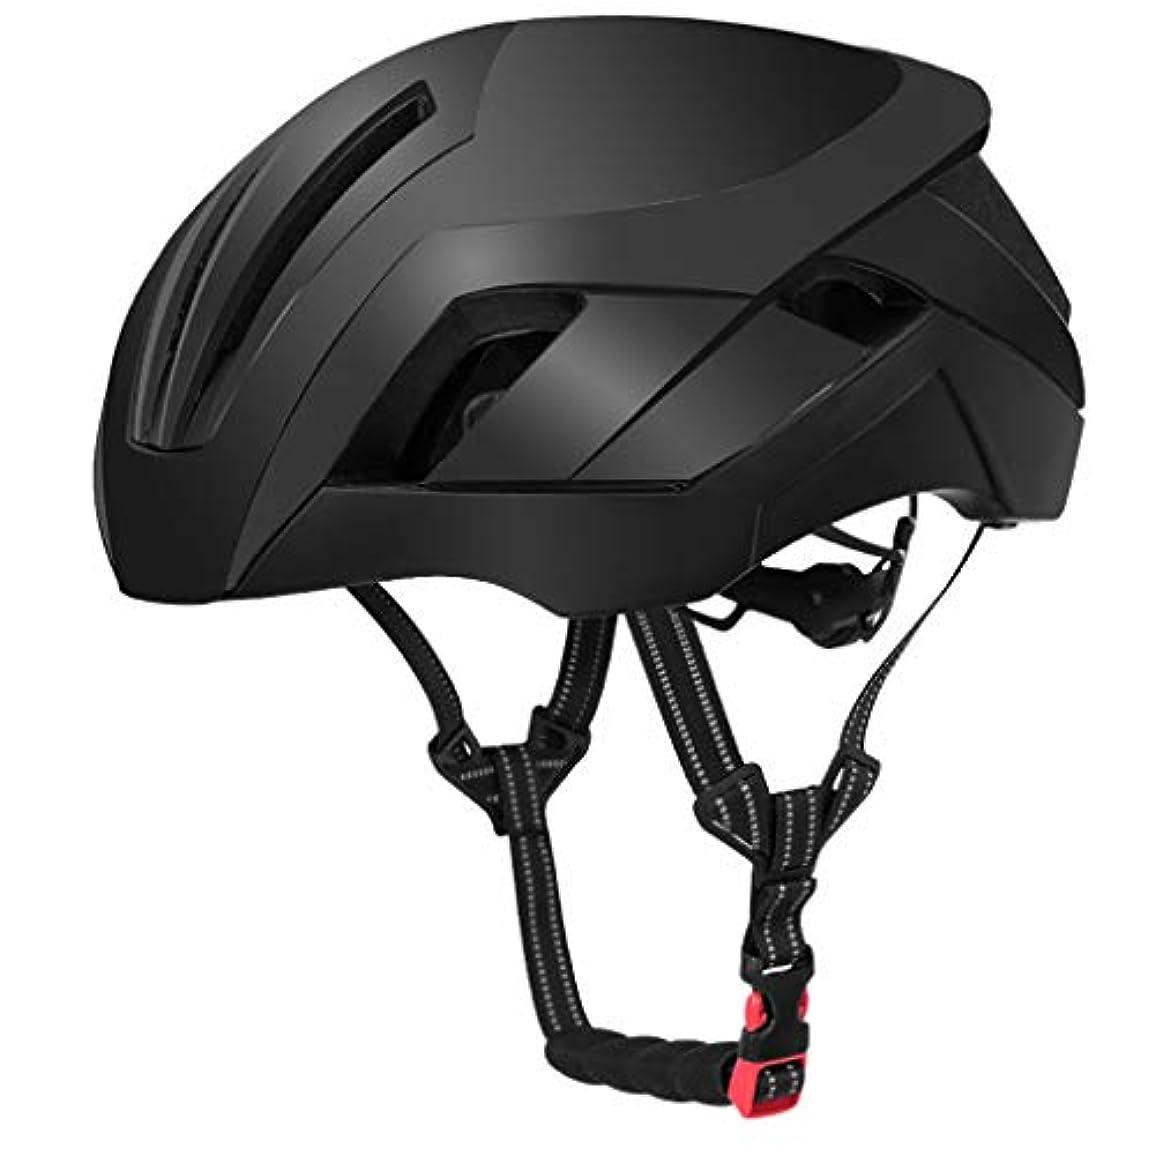 擬人化写真撮影気を散らすマウンテンバイクヘルメット、サイクルヘルメット、スポーツ安全ヘルメット (色 : C, サイズ さいず : M(57-62CM))